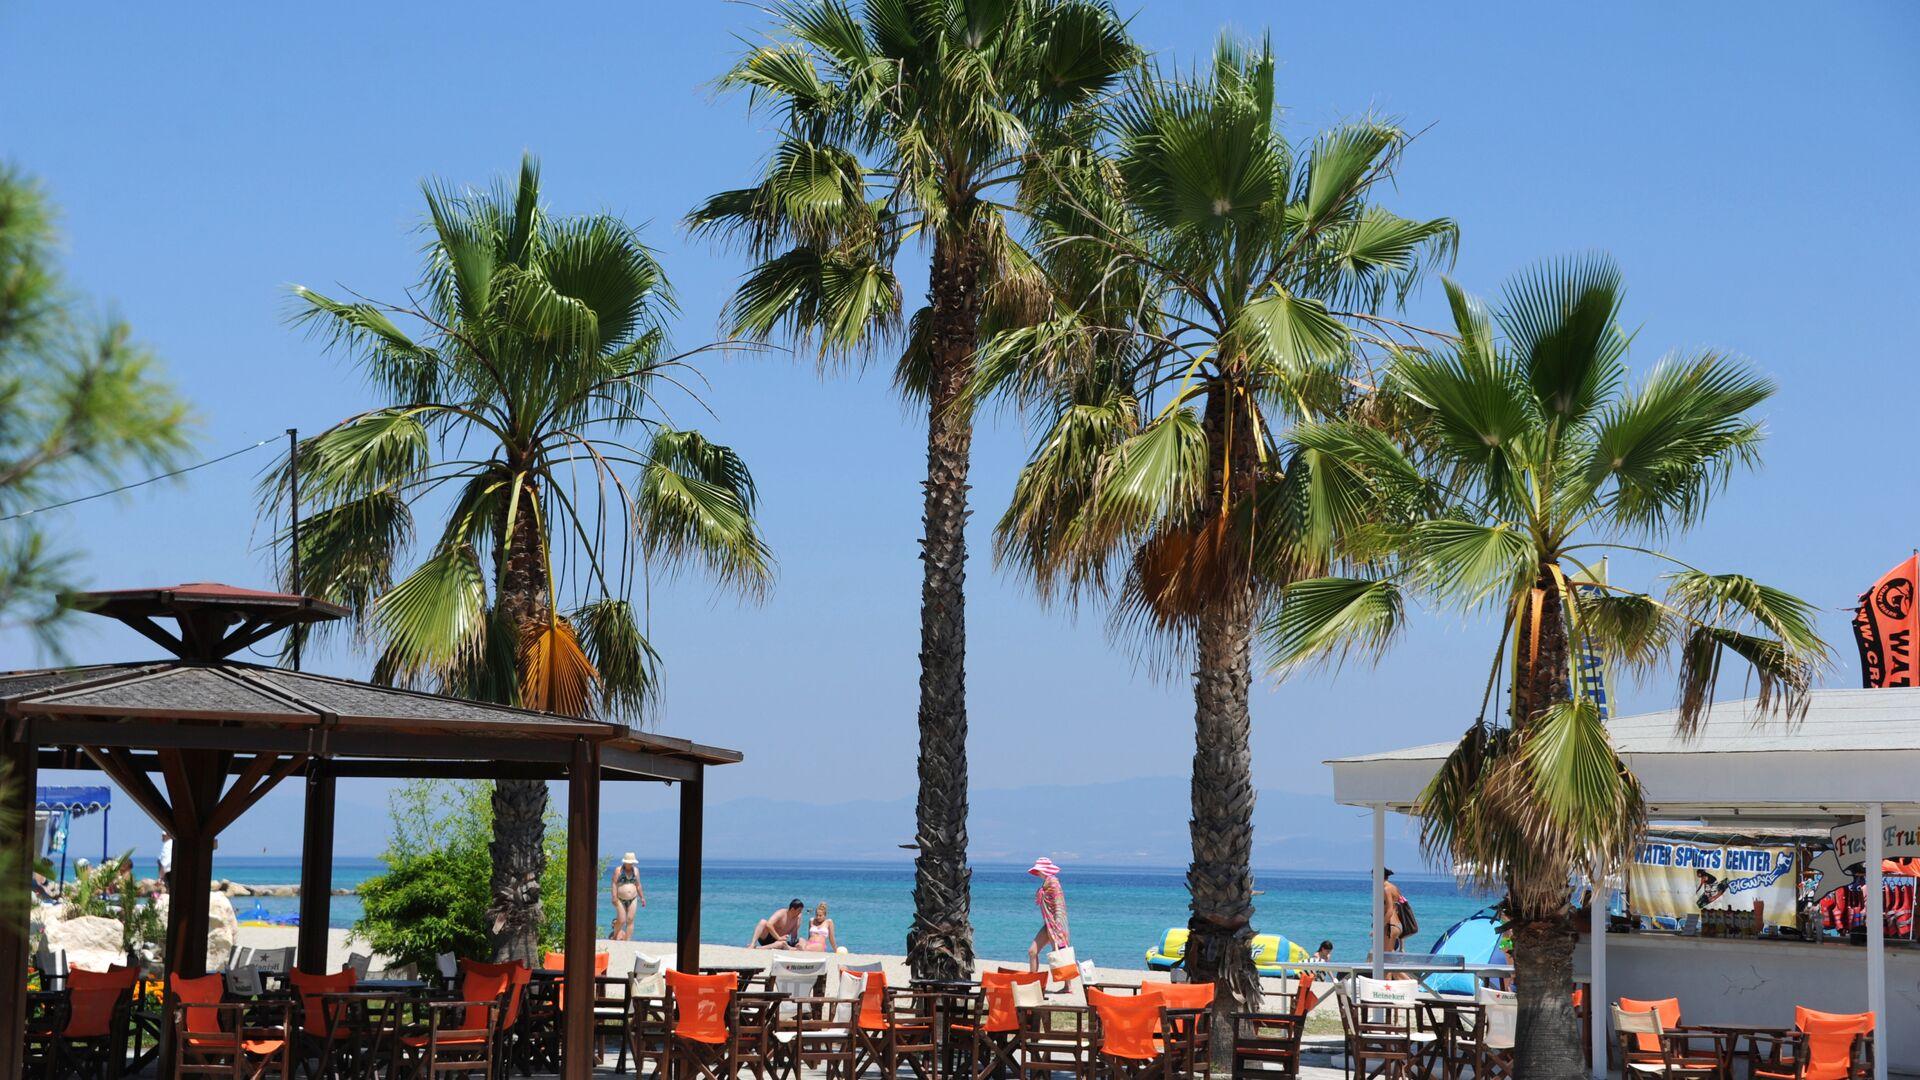 Пляж на побережье Эгейского моря. Греция, Халкидики, полуостров Кассандра - РИА Новости, 1920, 28.05.2021